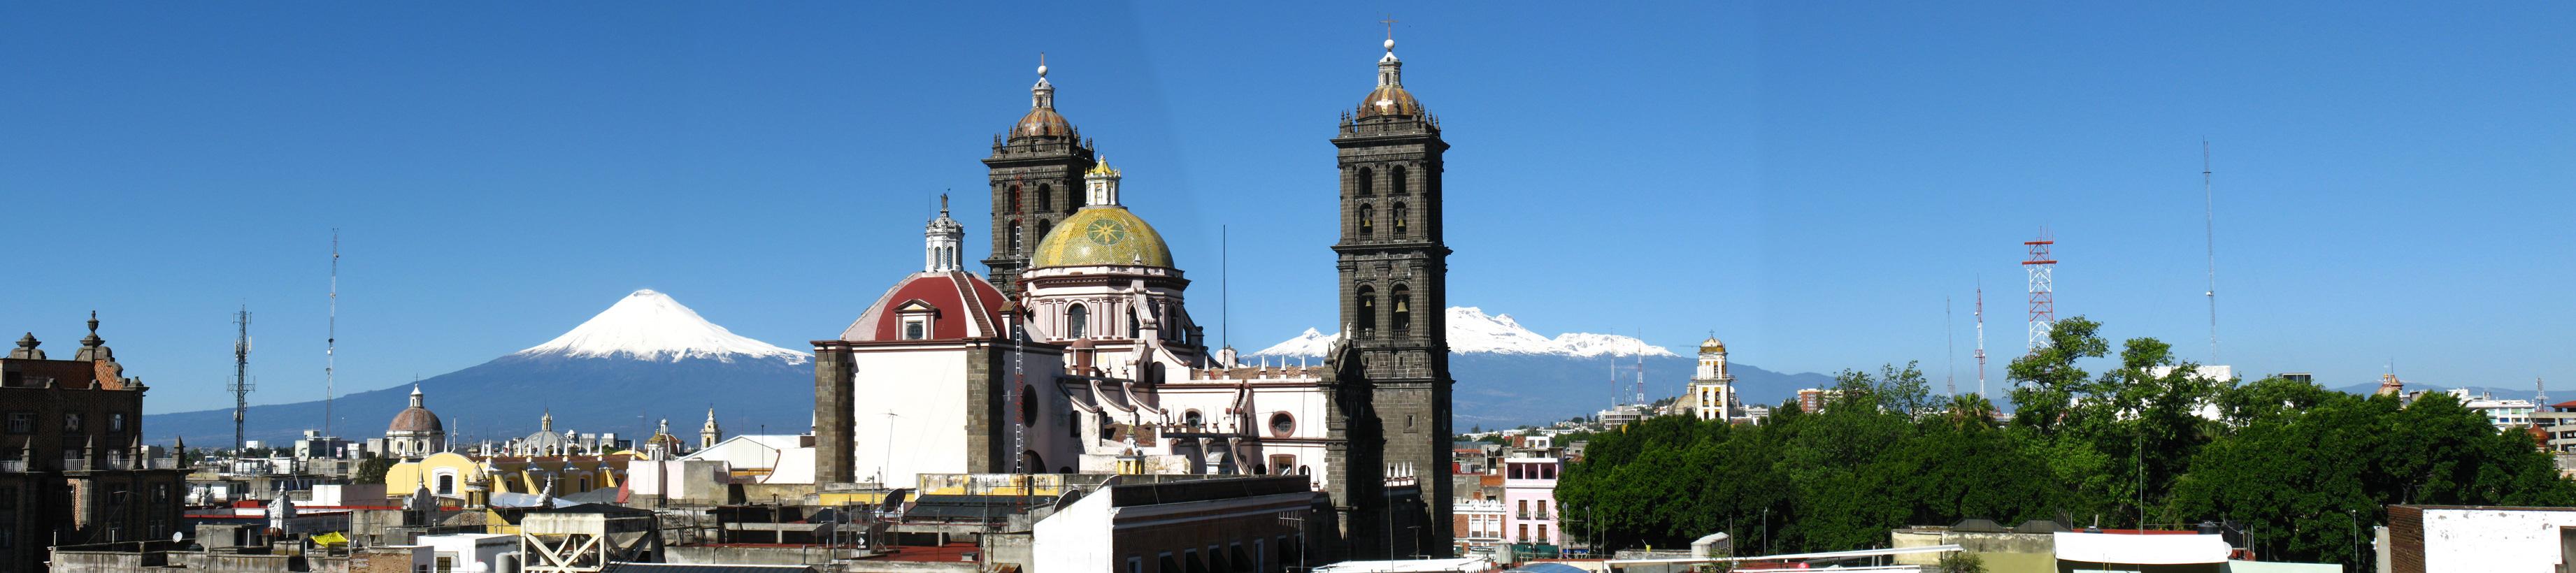 Xicotlán